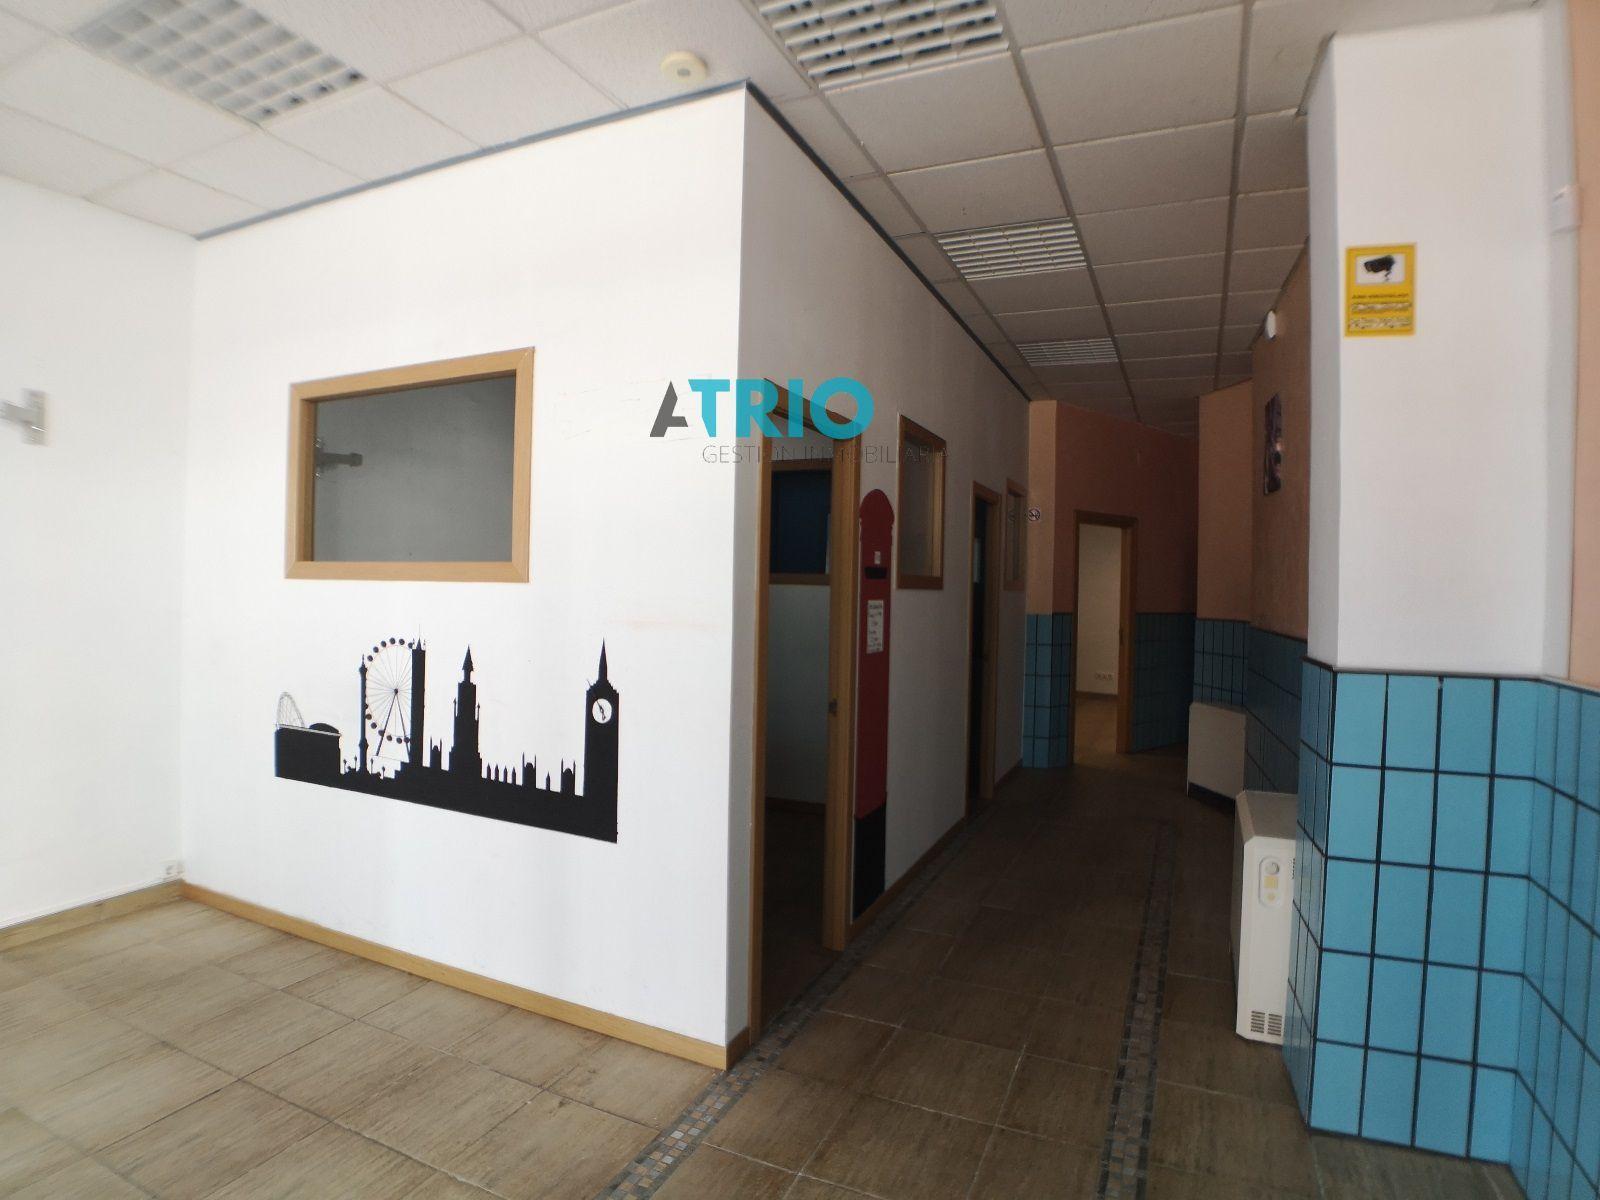 dia.mobiliagestion.es/Portals/inmoatrio/Images/6867/4945576